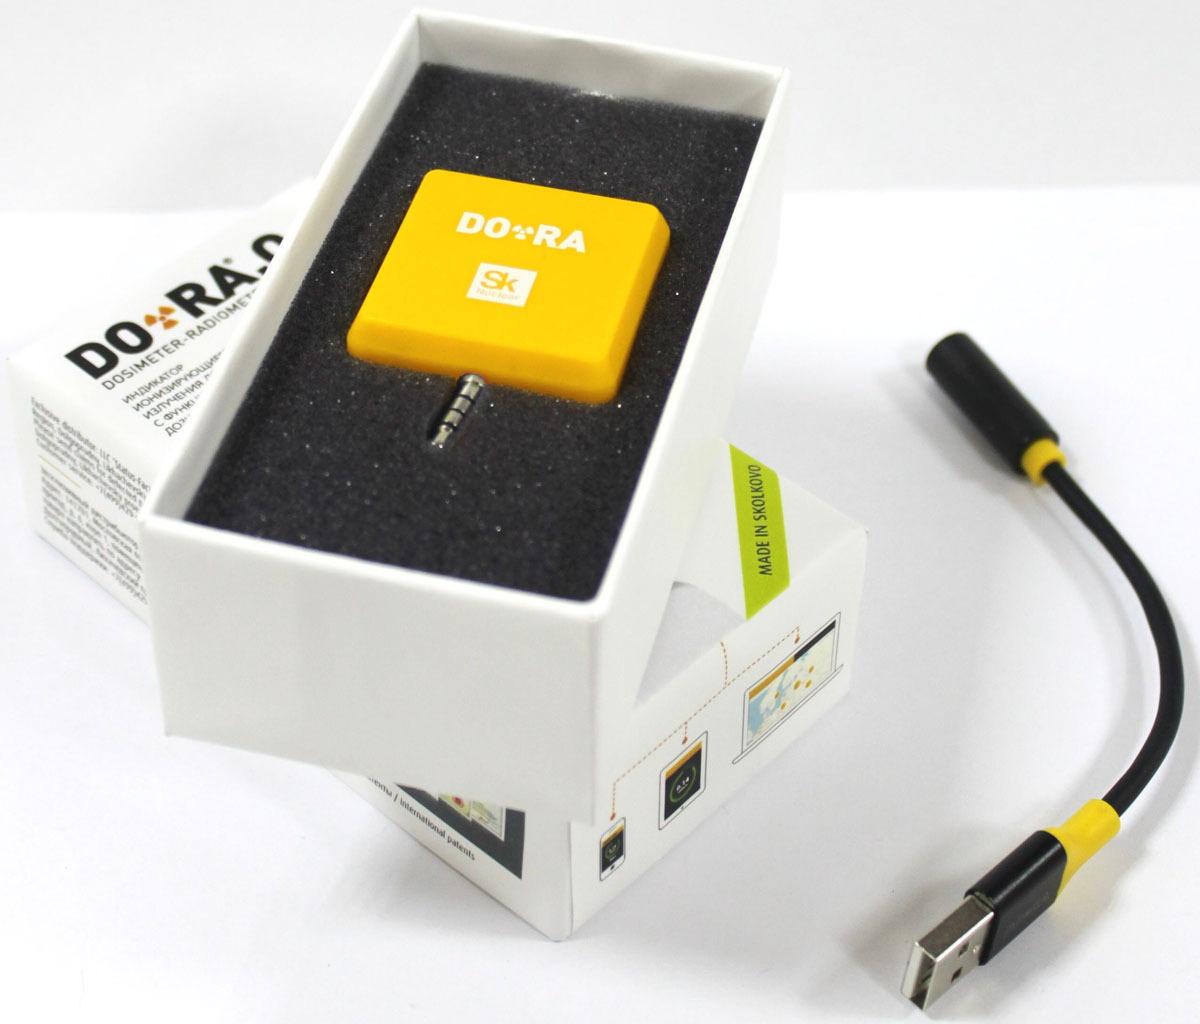 Дозиметр DO-RA, VDR-IRQ1801-ylw, желтый DO-RA